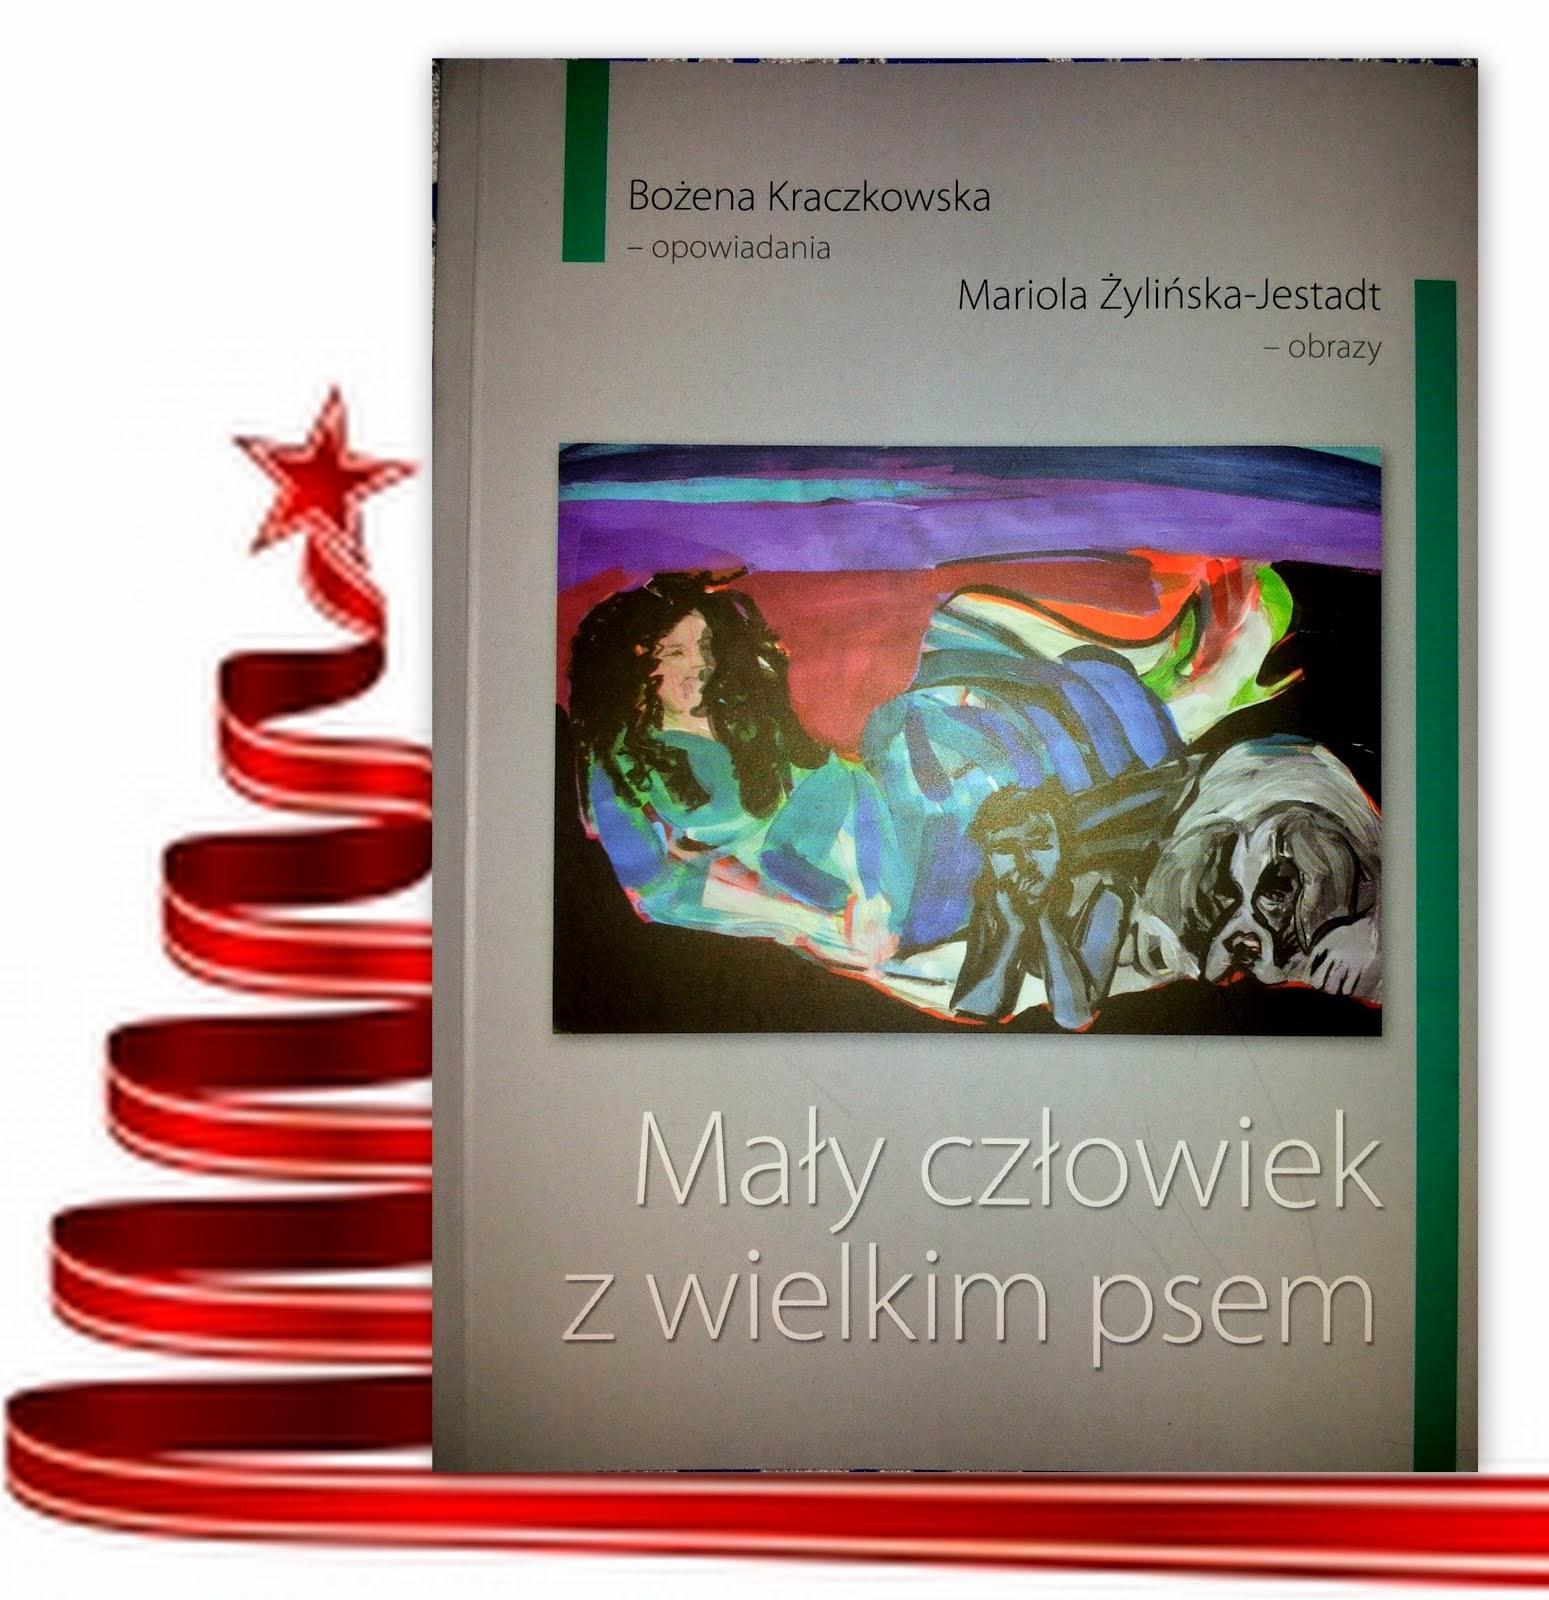 zamów książkę<br> pro_kraczkowska@wp.pl